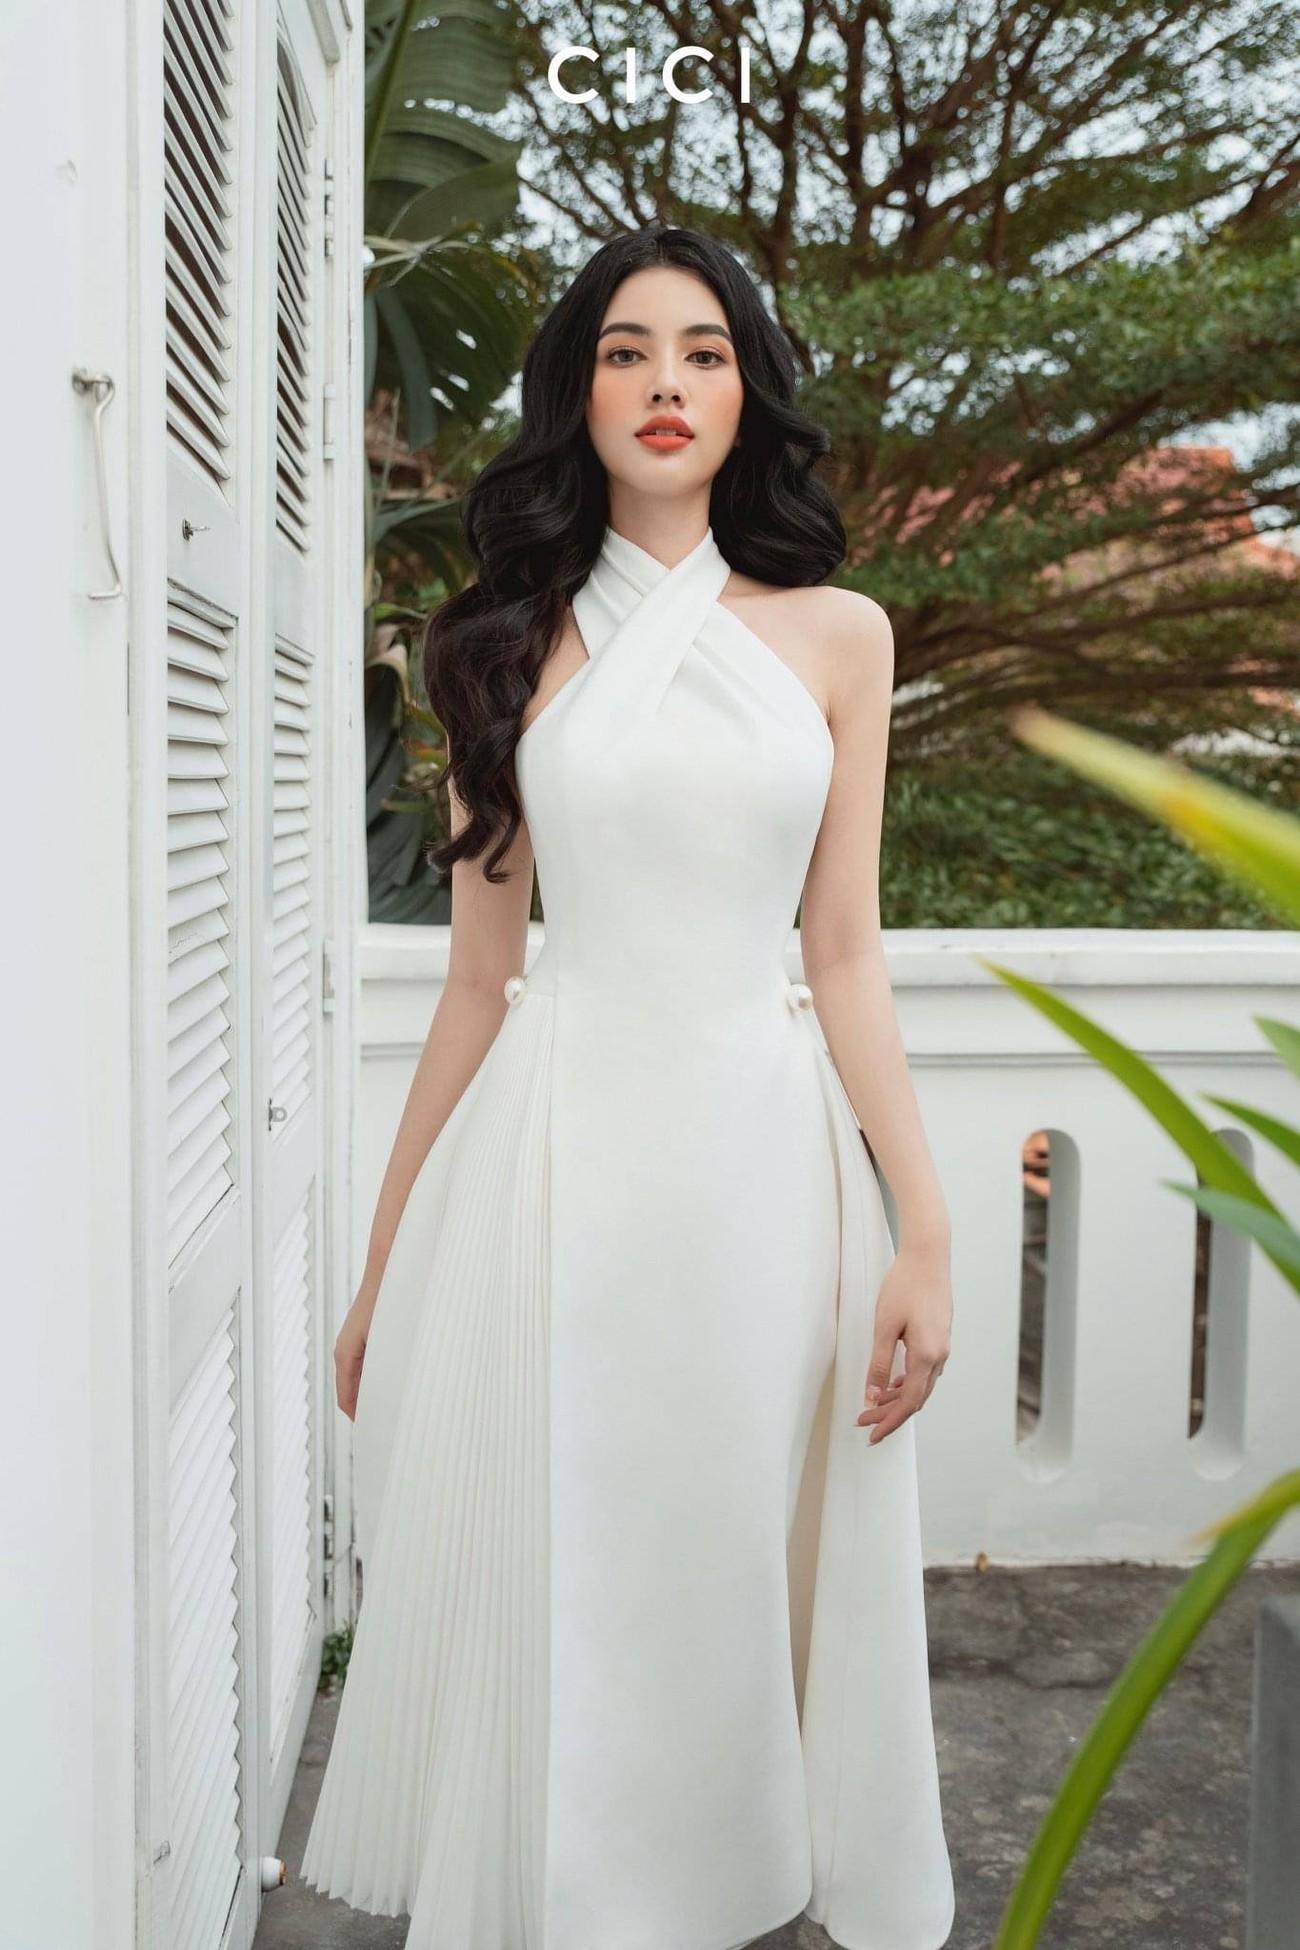 Người đẹp Cẩm Đan kiêu kỳ, Minh Anh xinh đẹp tựa nữ thần ảnh 15